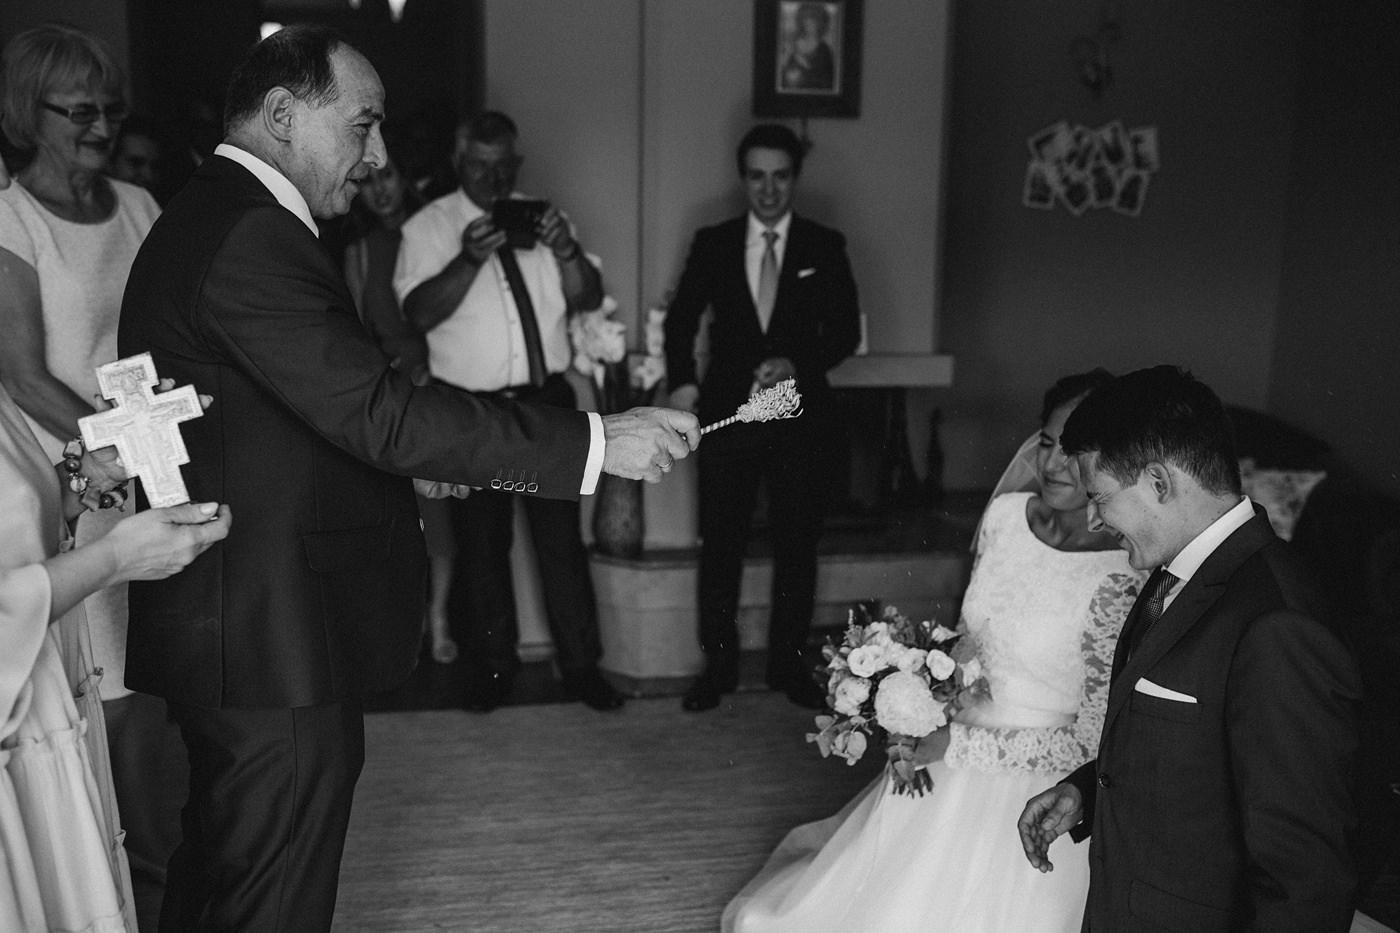 Dominika & Aleksander - Rustykalne wesele w stodole - Baborówko 32